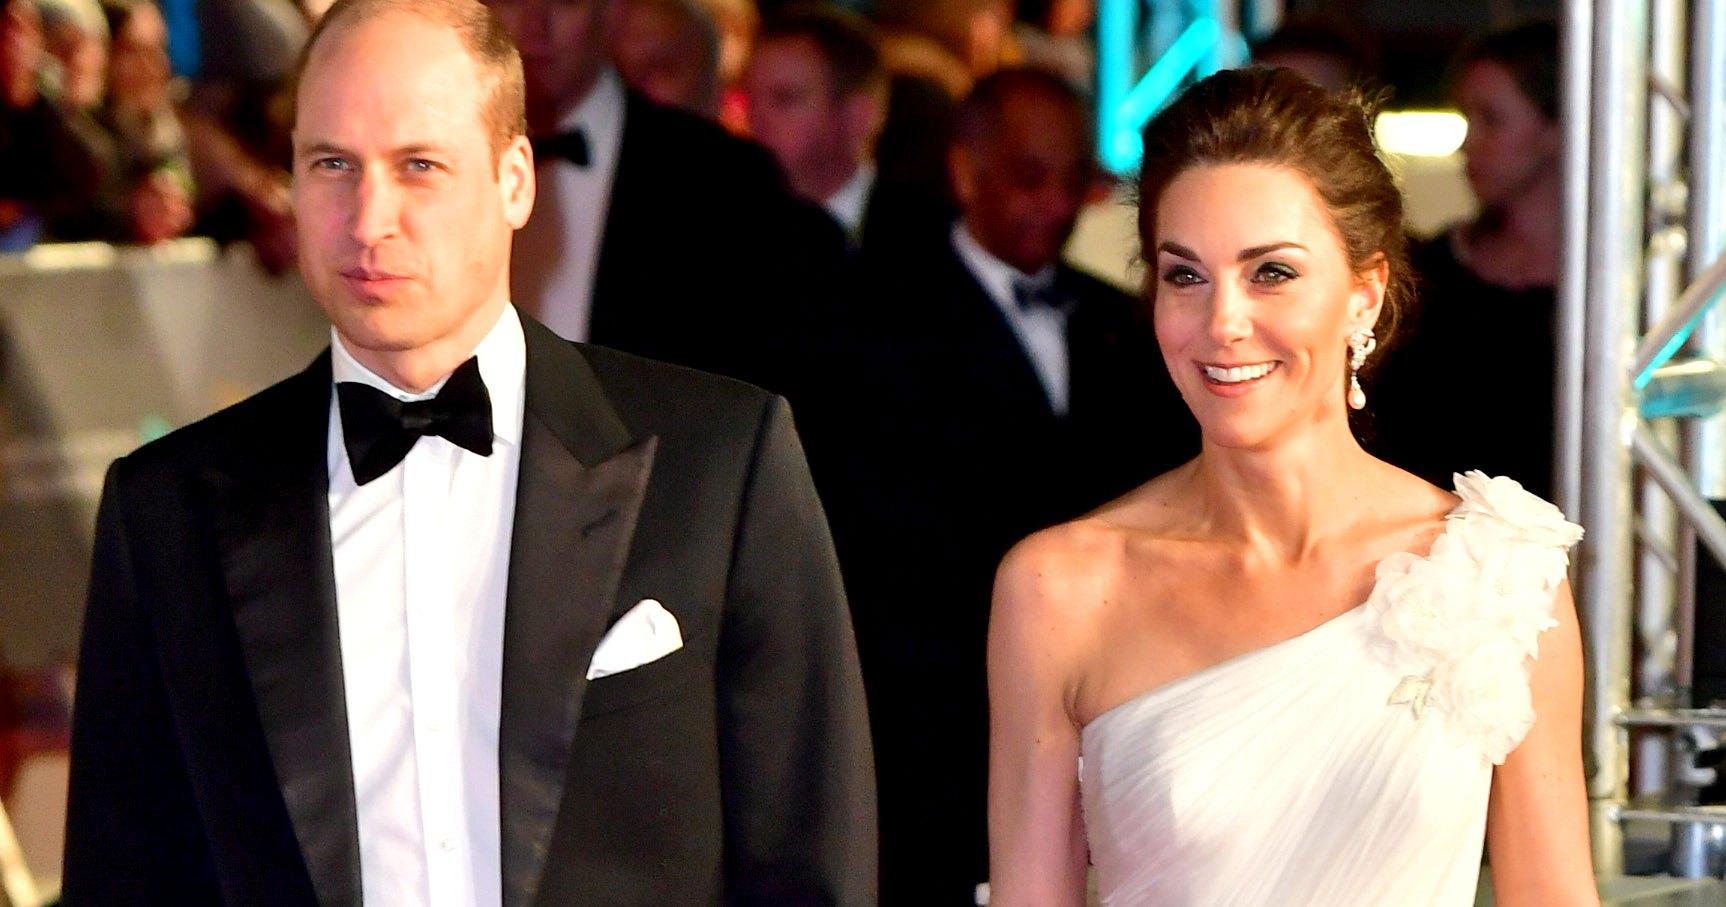 Baftas: Kate Middleton In White Gown On 2019 BAFTA Red Carpet: Pics